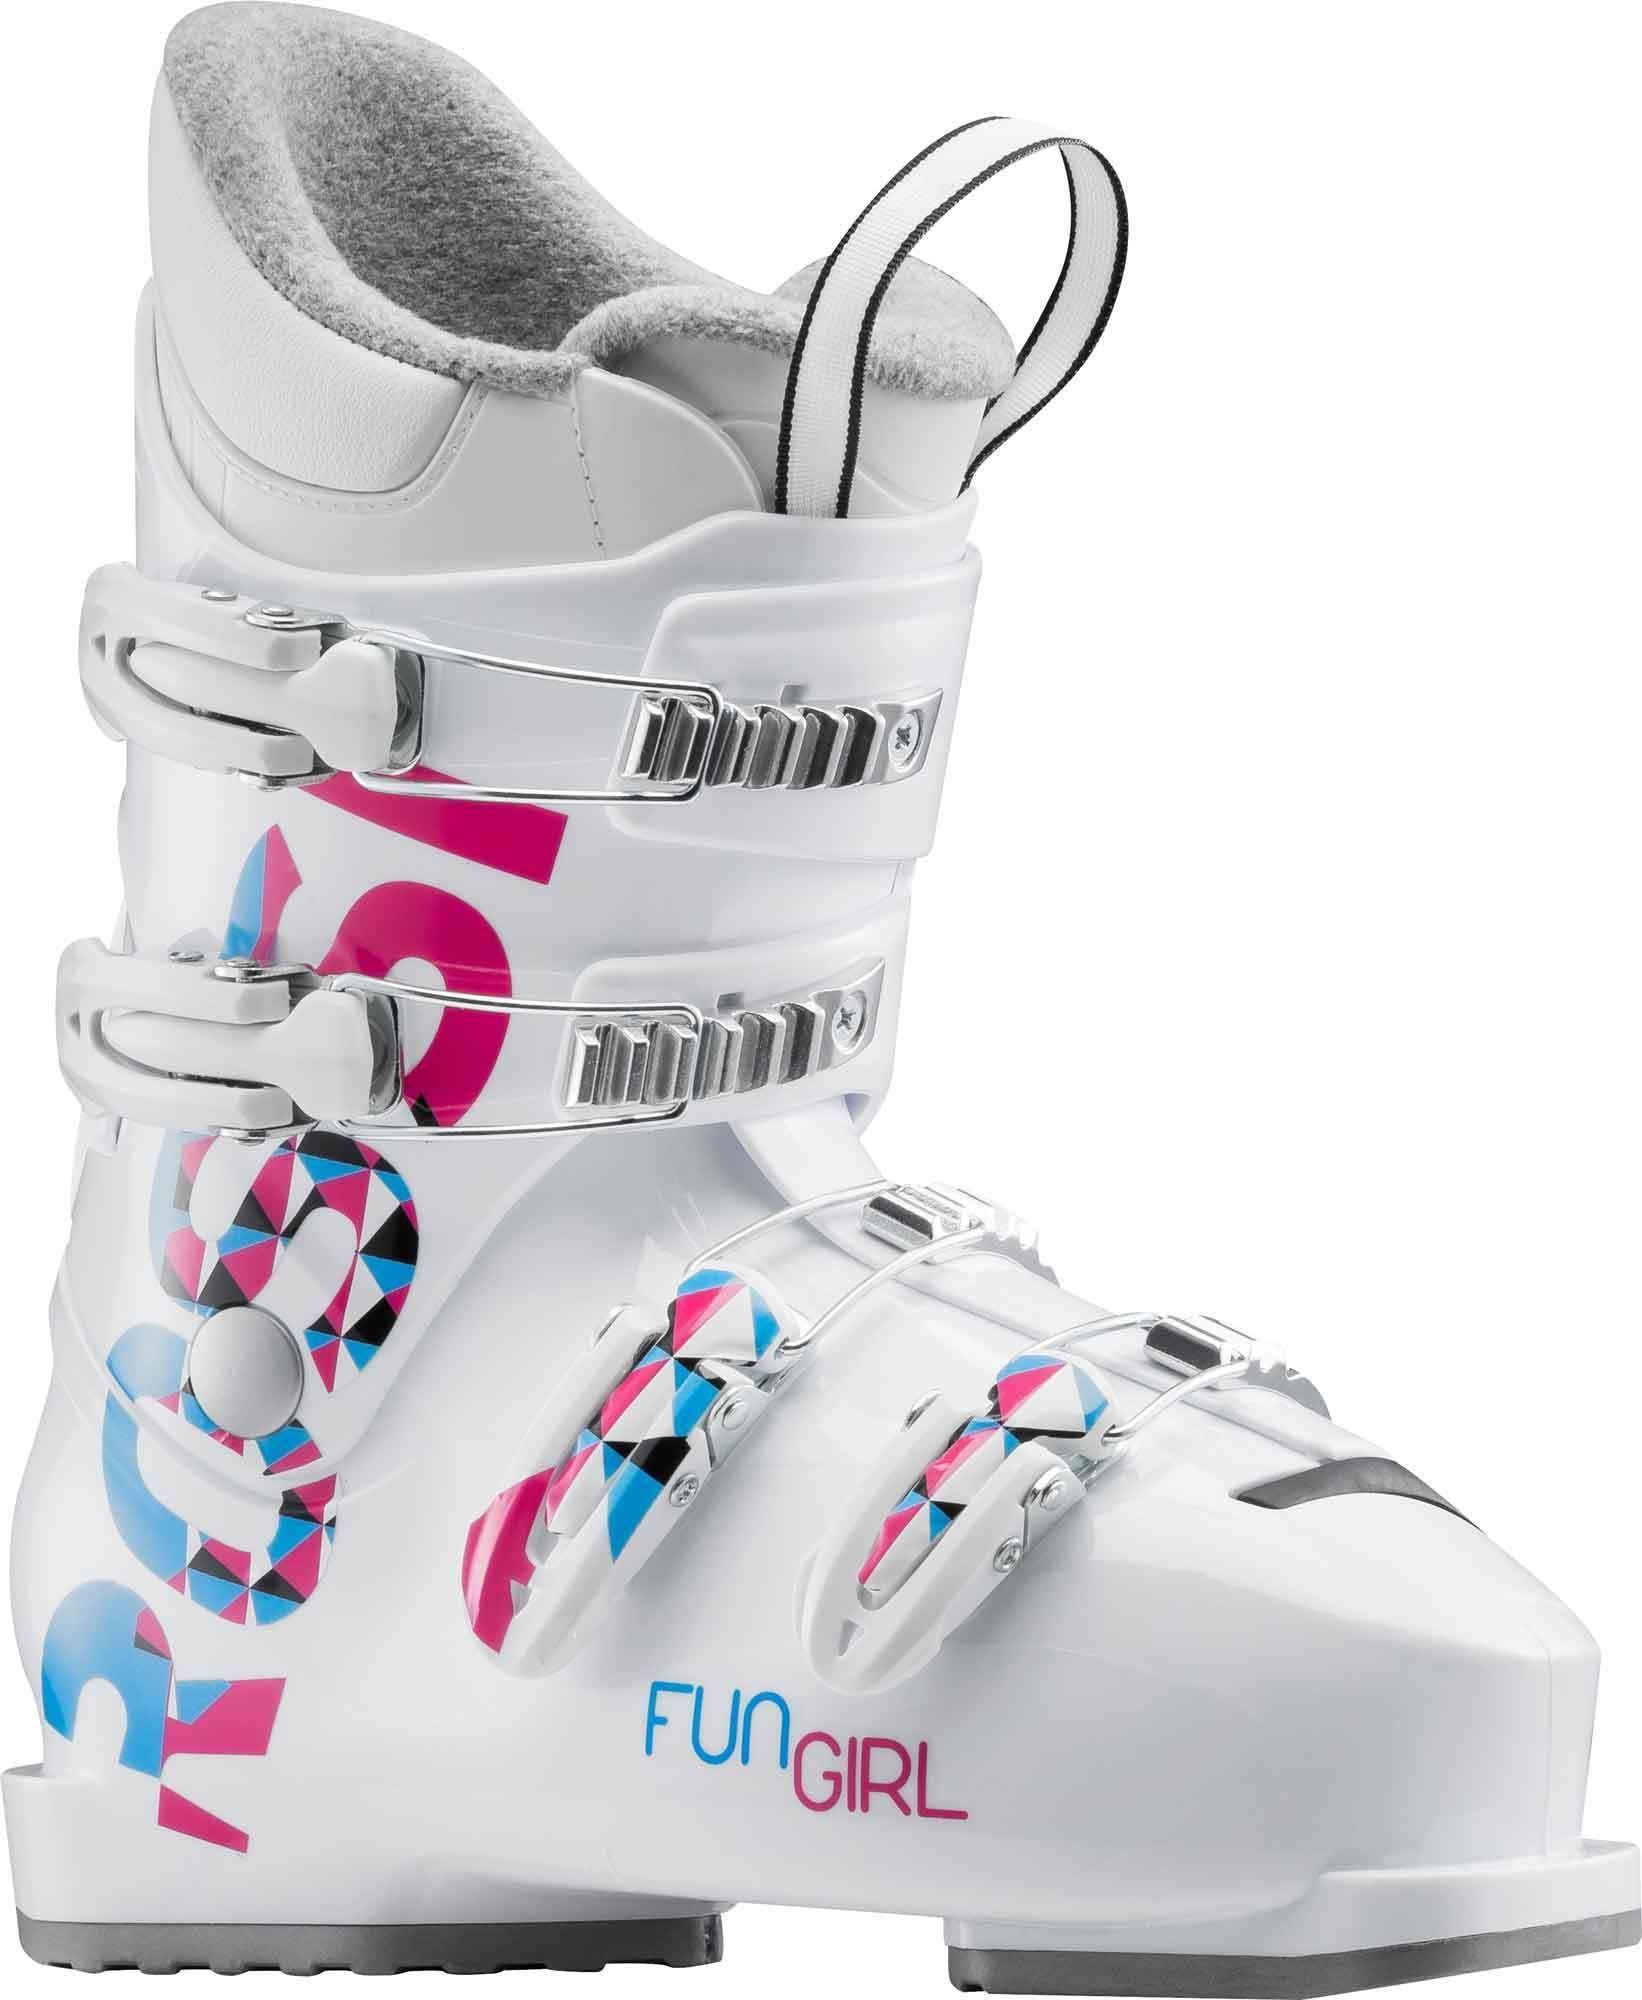 Rossignol FUN GIRL J4 (RBG5080) - Skischuhe für Mädchen